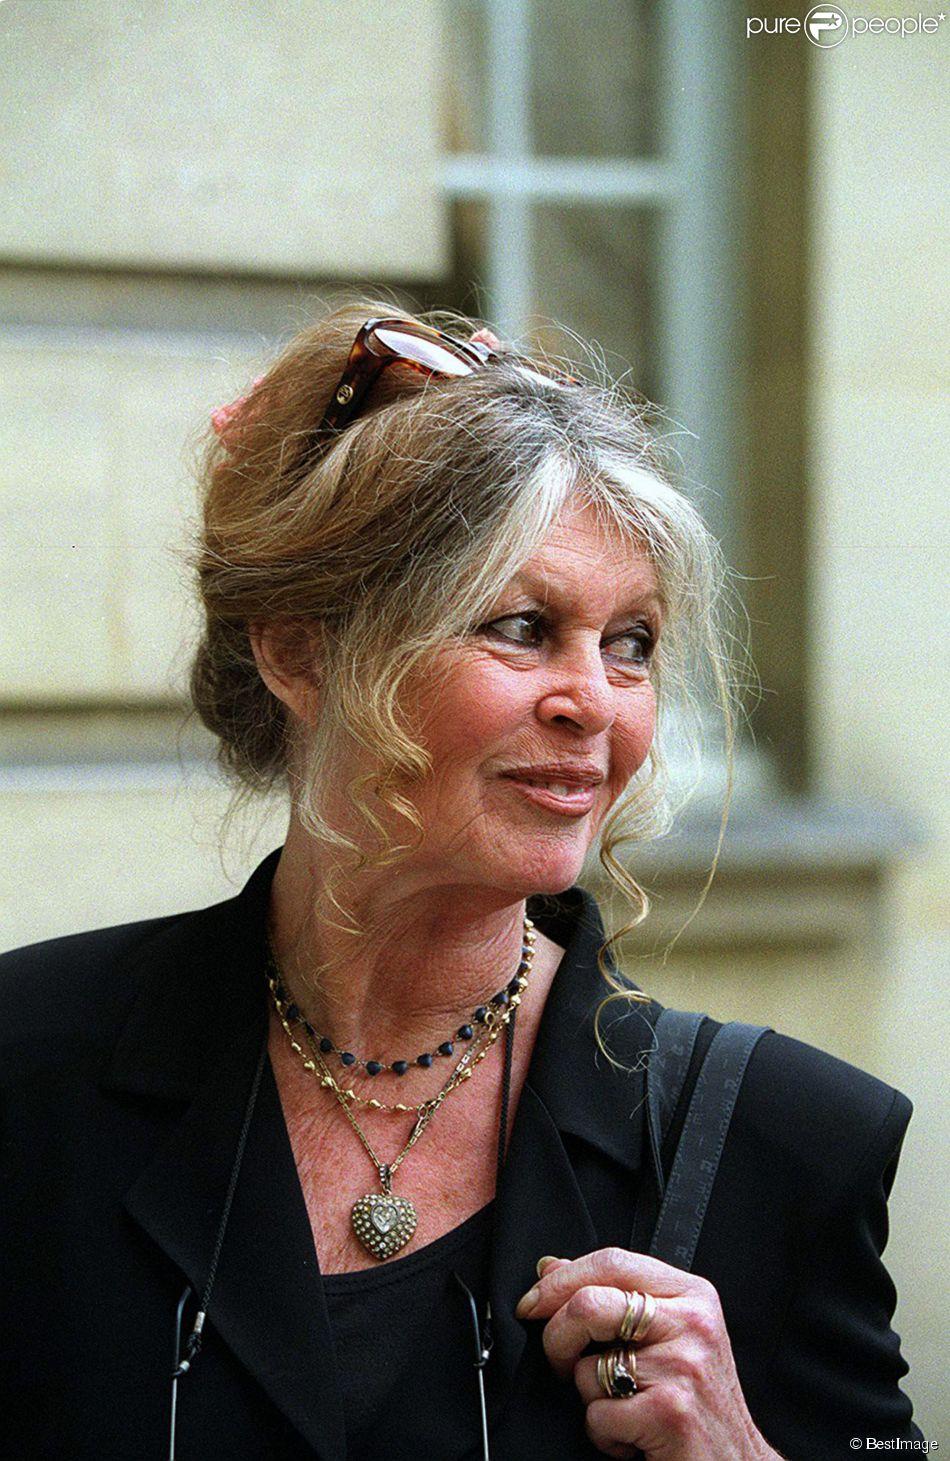 Brigitte Bardot et son cancer du sein : ''Je l'ai traité avec mépris'' - Purepeople